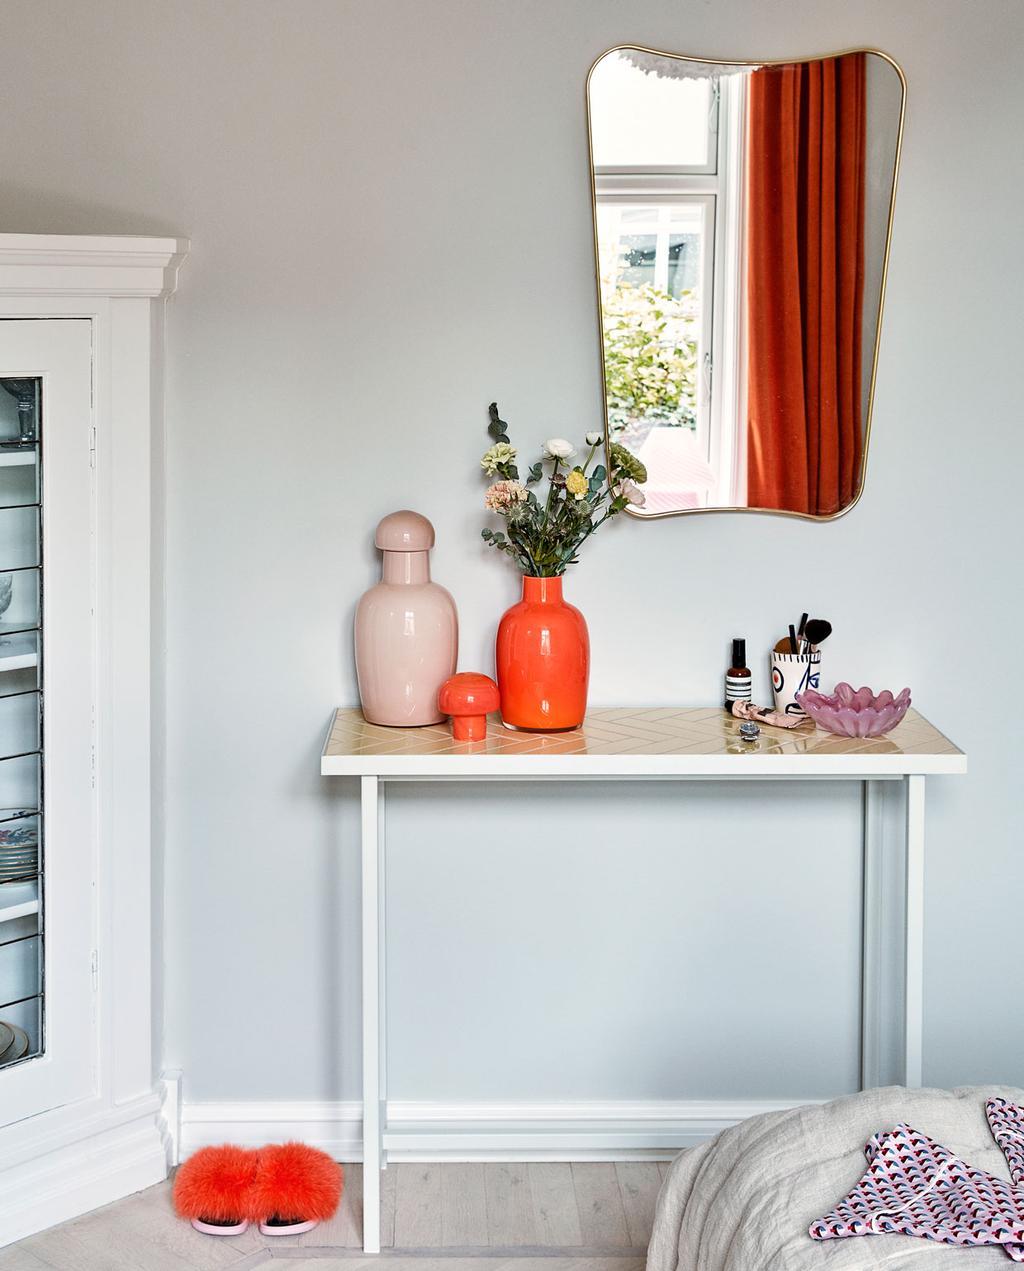 vtwonen 10-2019 | slaapkamer met oranje tinten accessoires